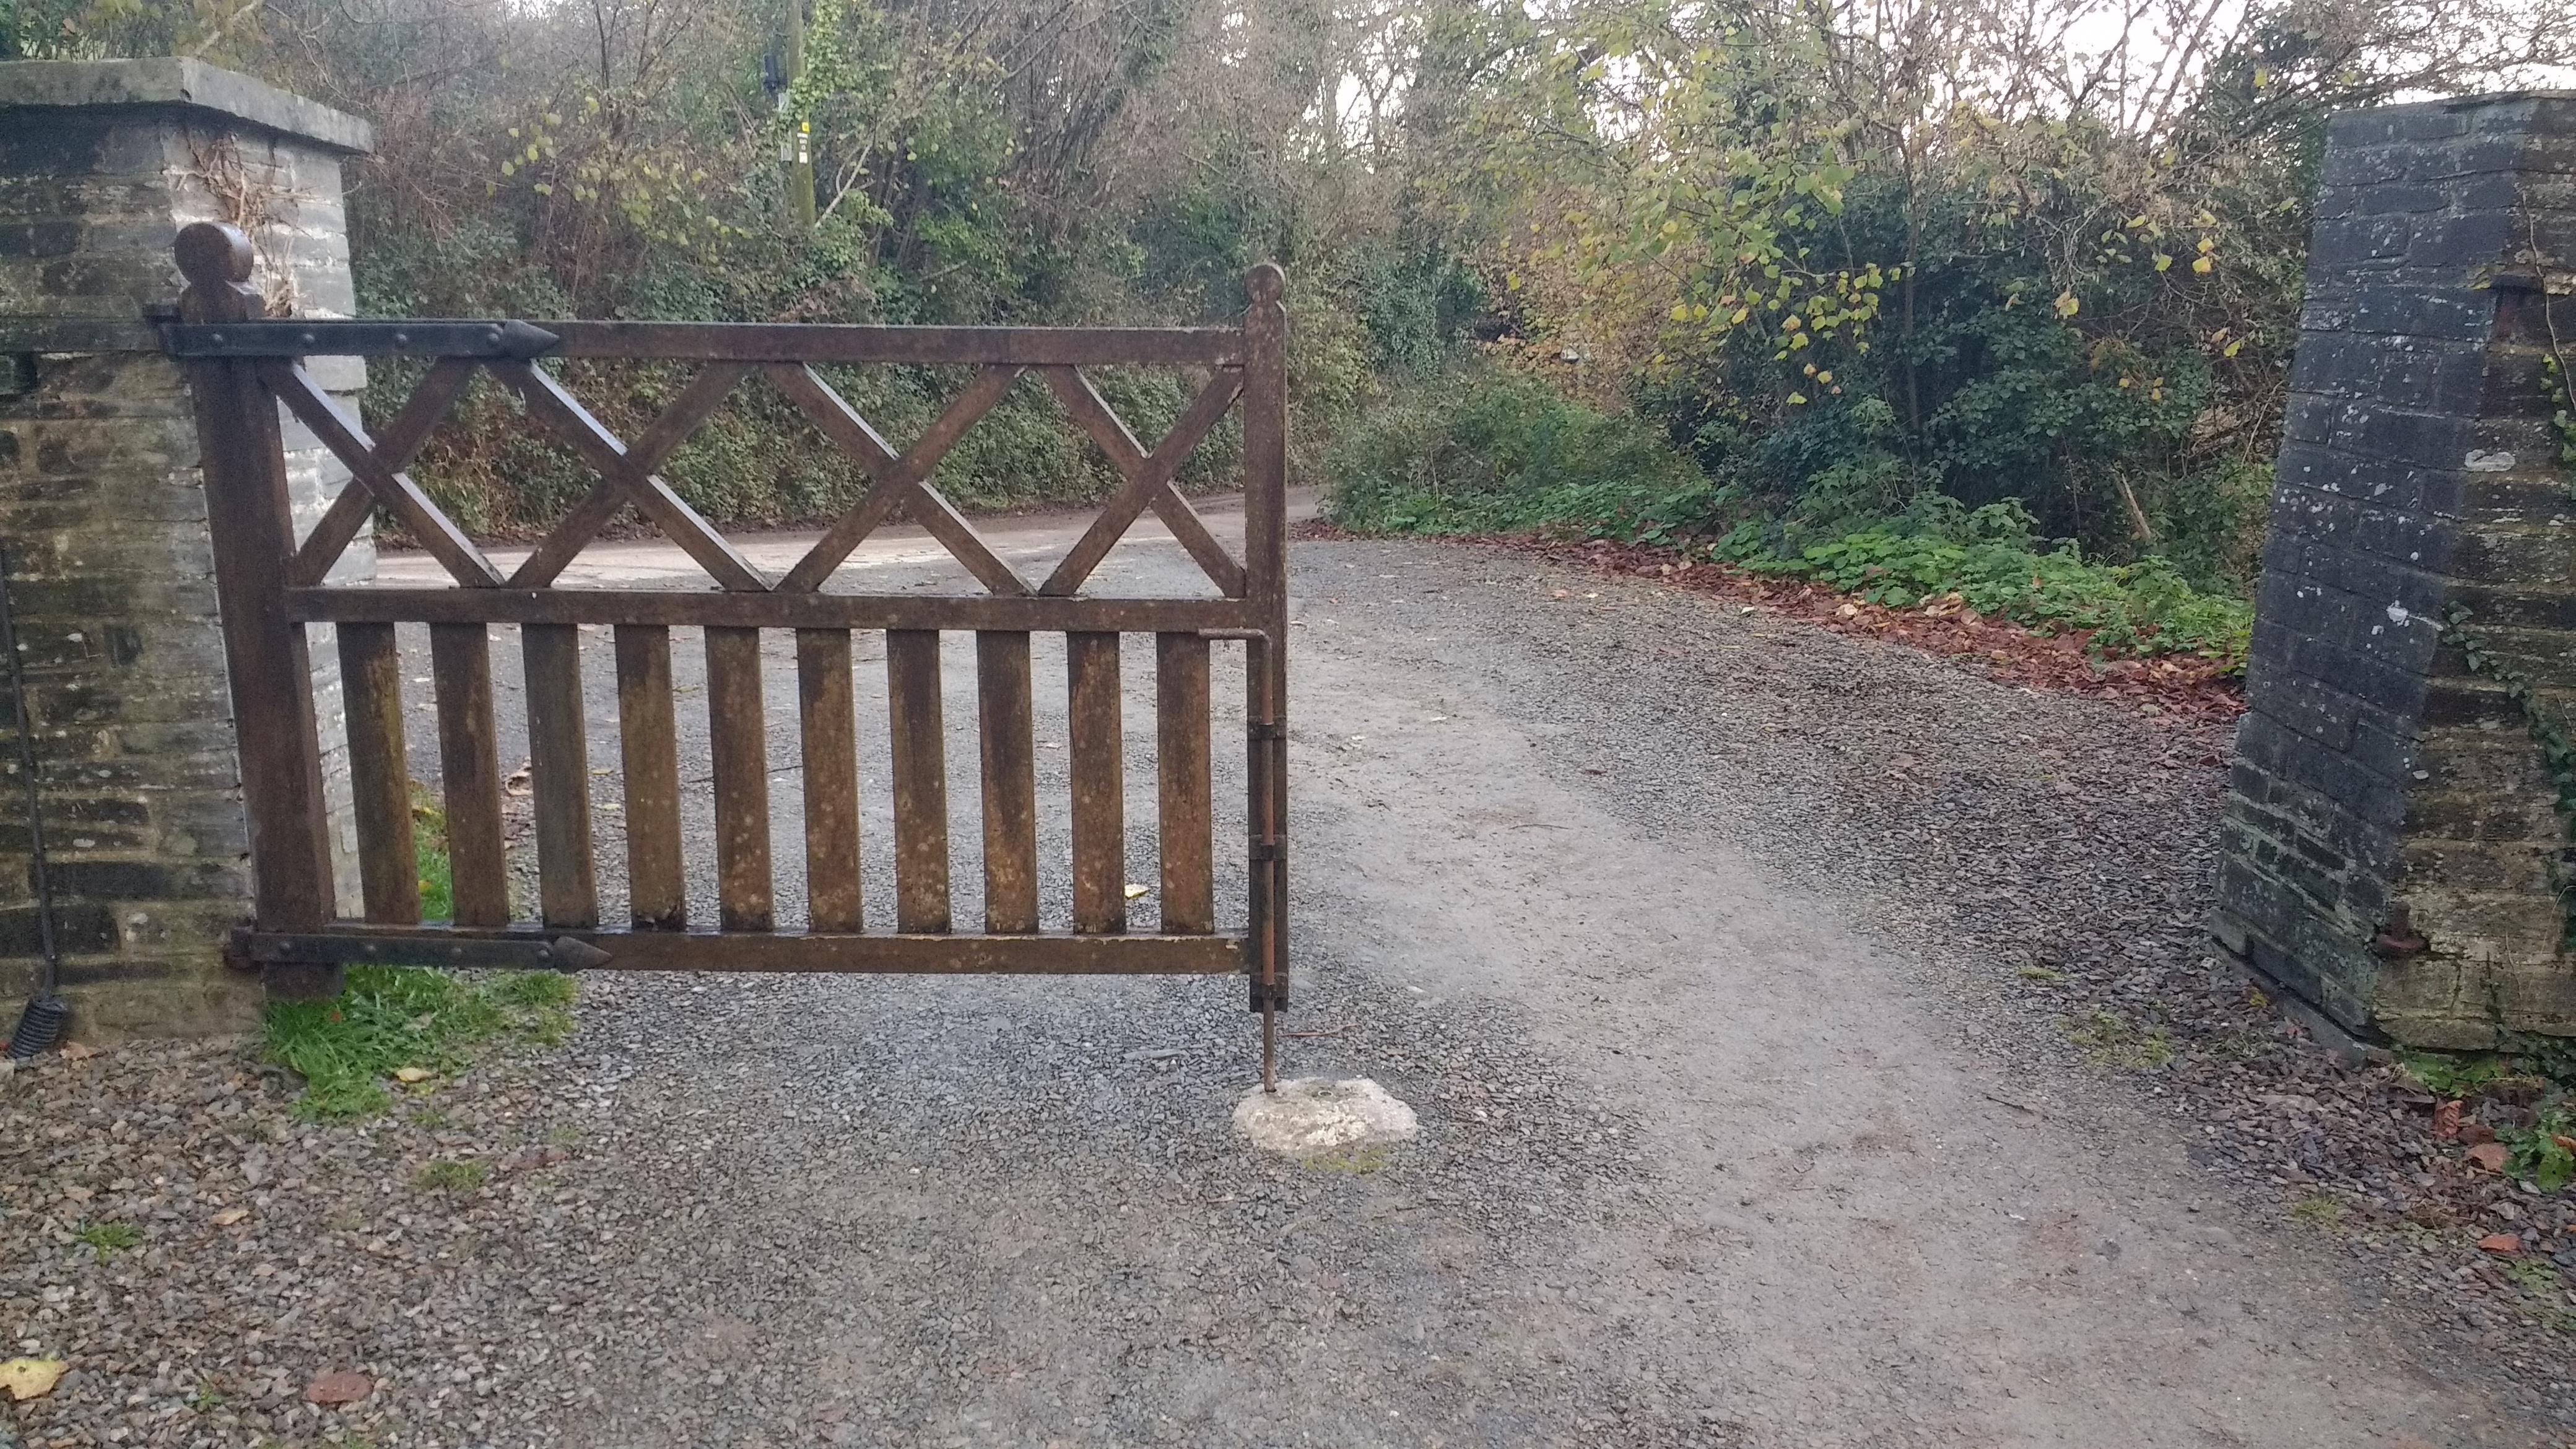 Rotten gate